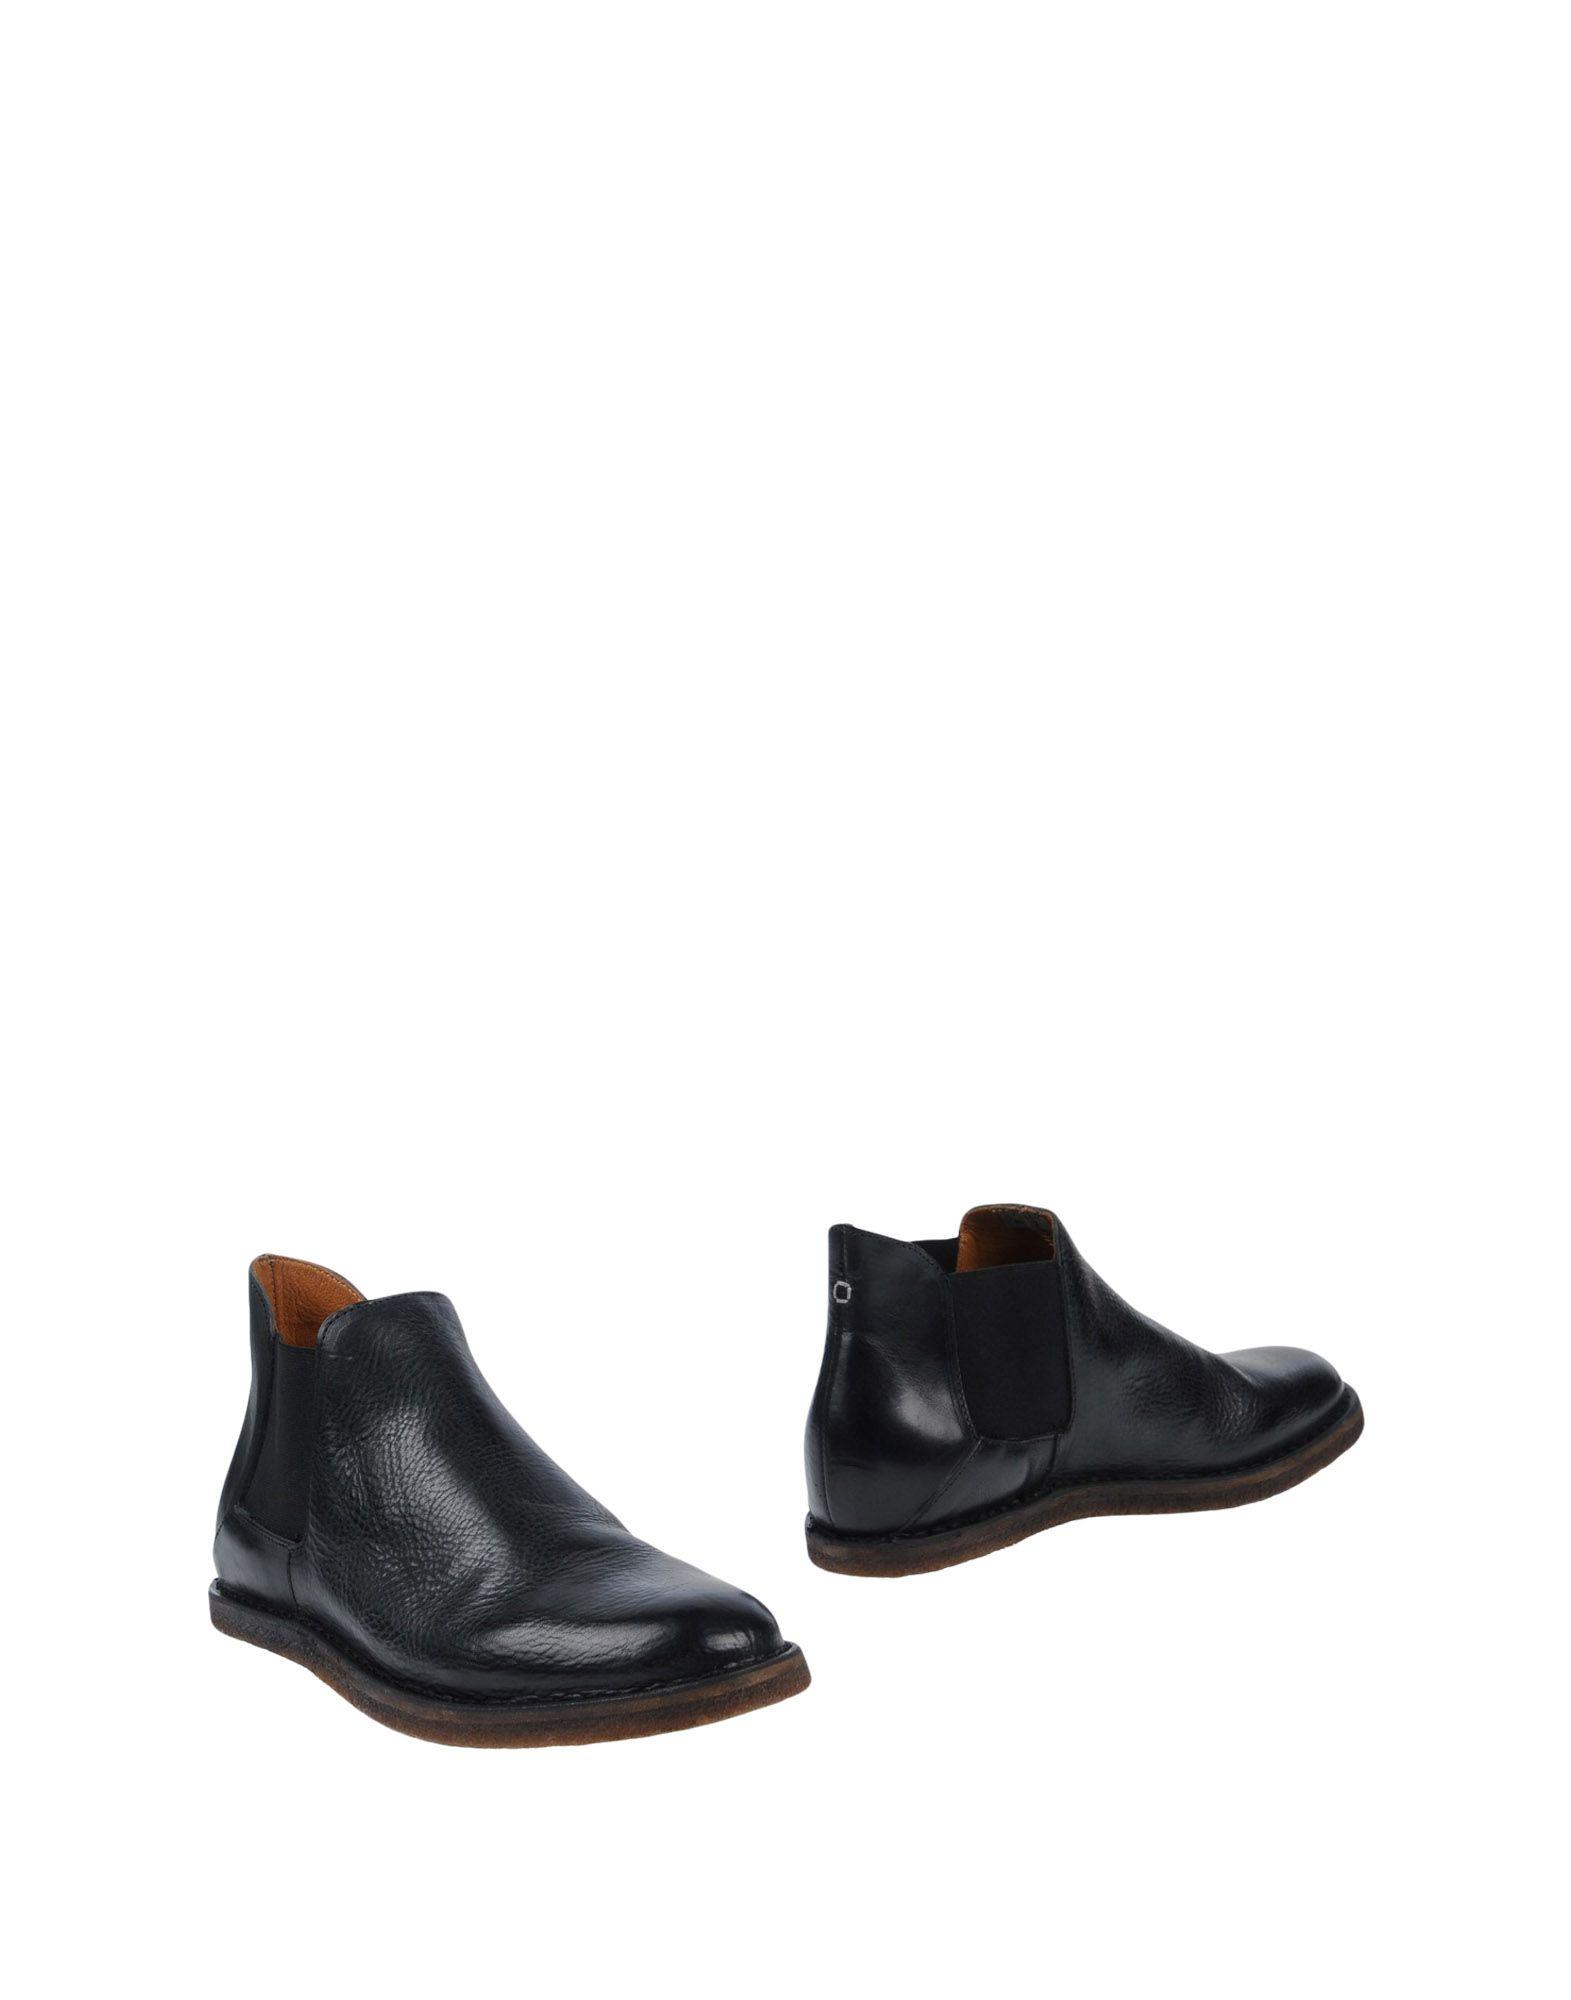 Collection Privēe? 11499955WBGut Chelsea Boots Damen  11499955WBGut Privēe? aussehende strapazierfähige Schuhe 25b8c9